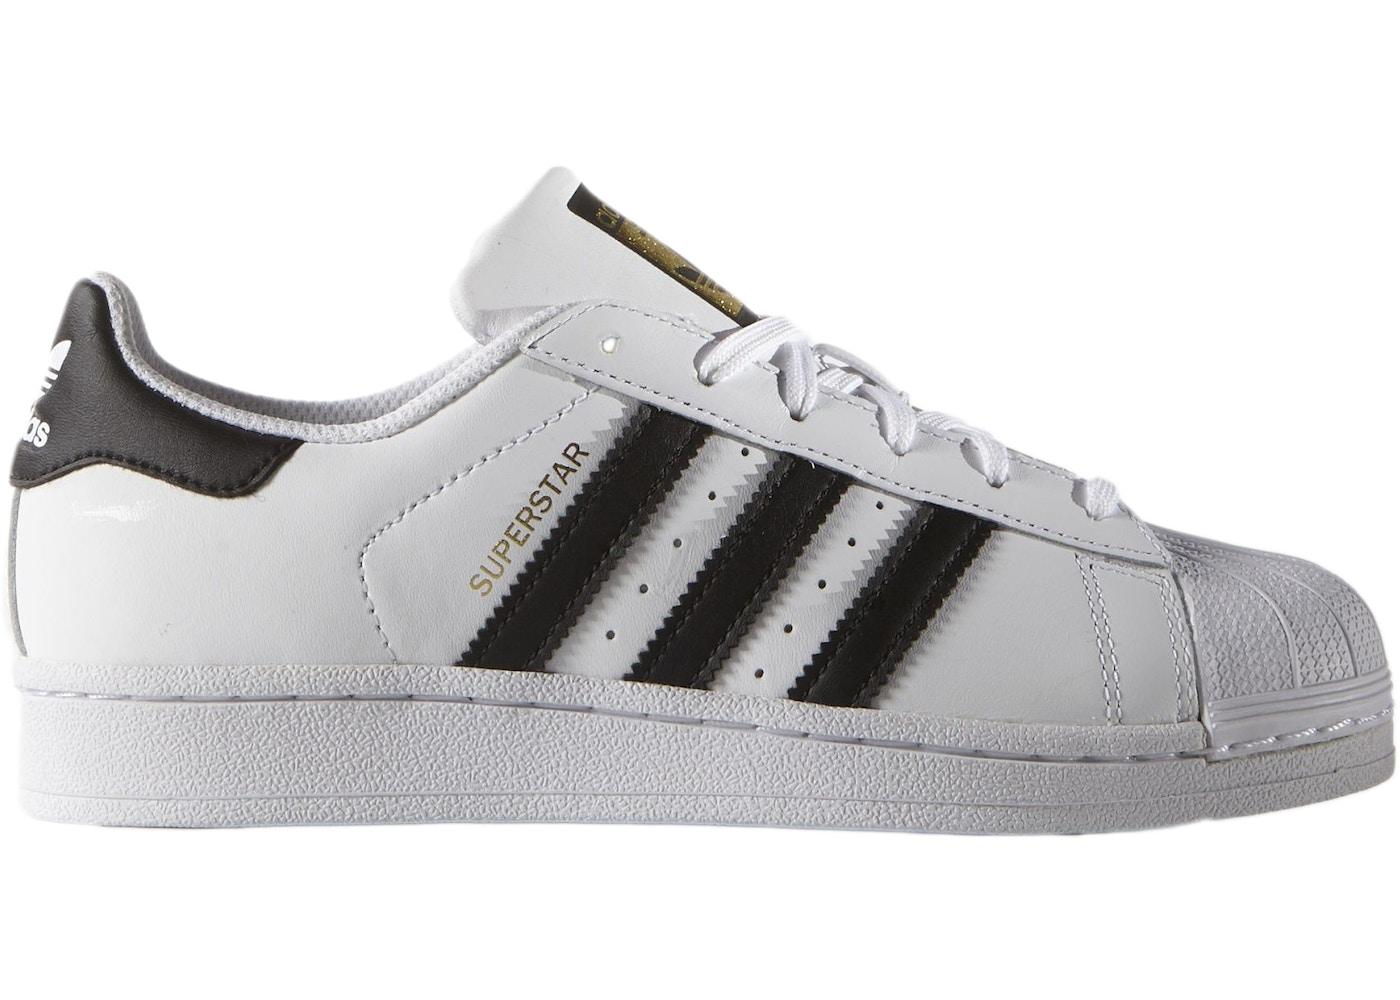 7297d1a9 adidas Superstar White (GS) - C77154